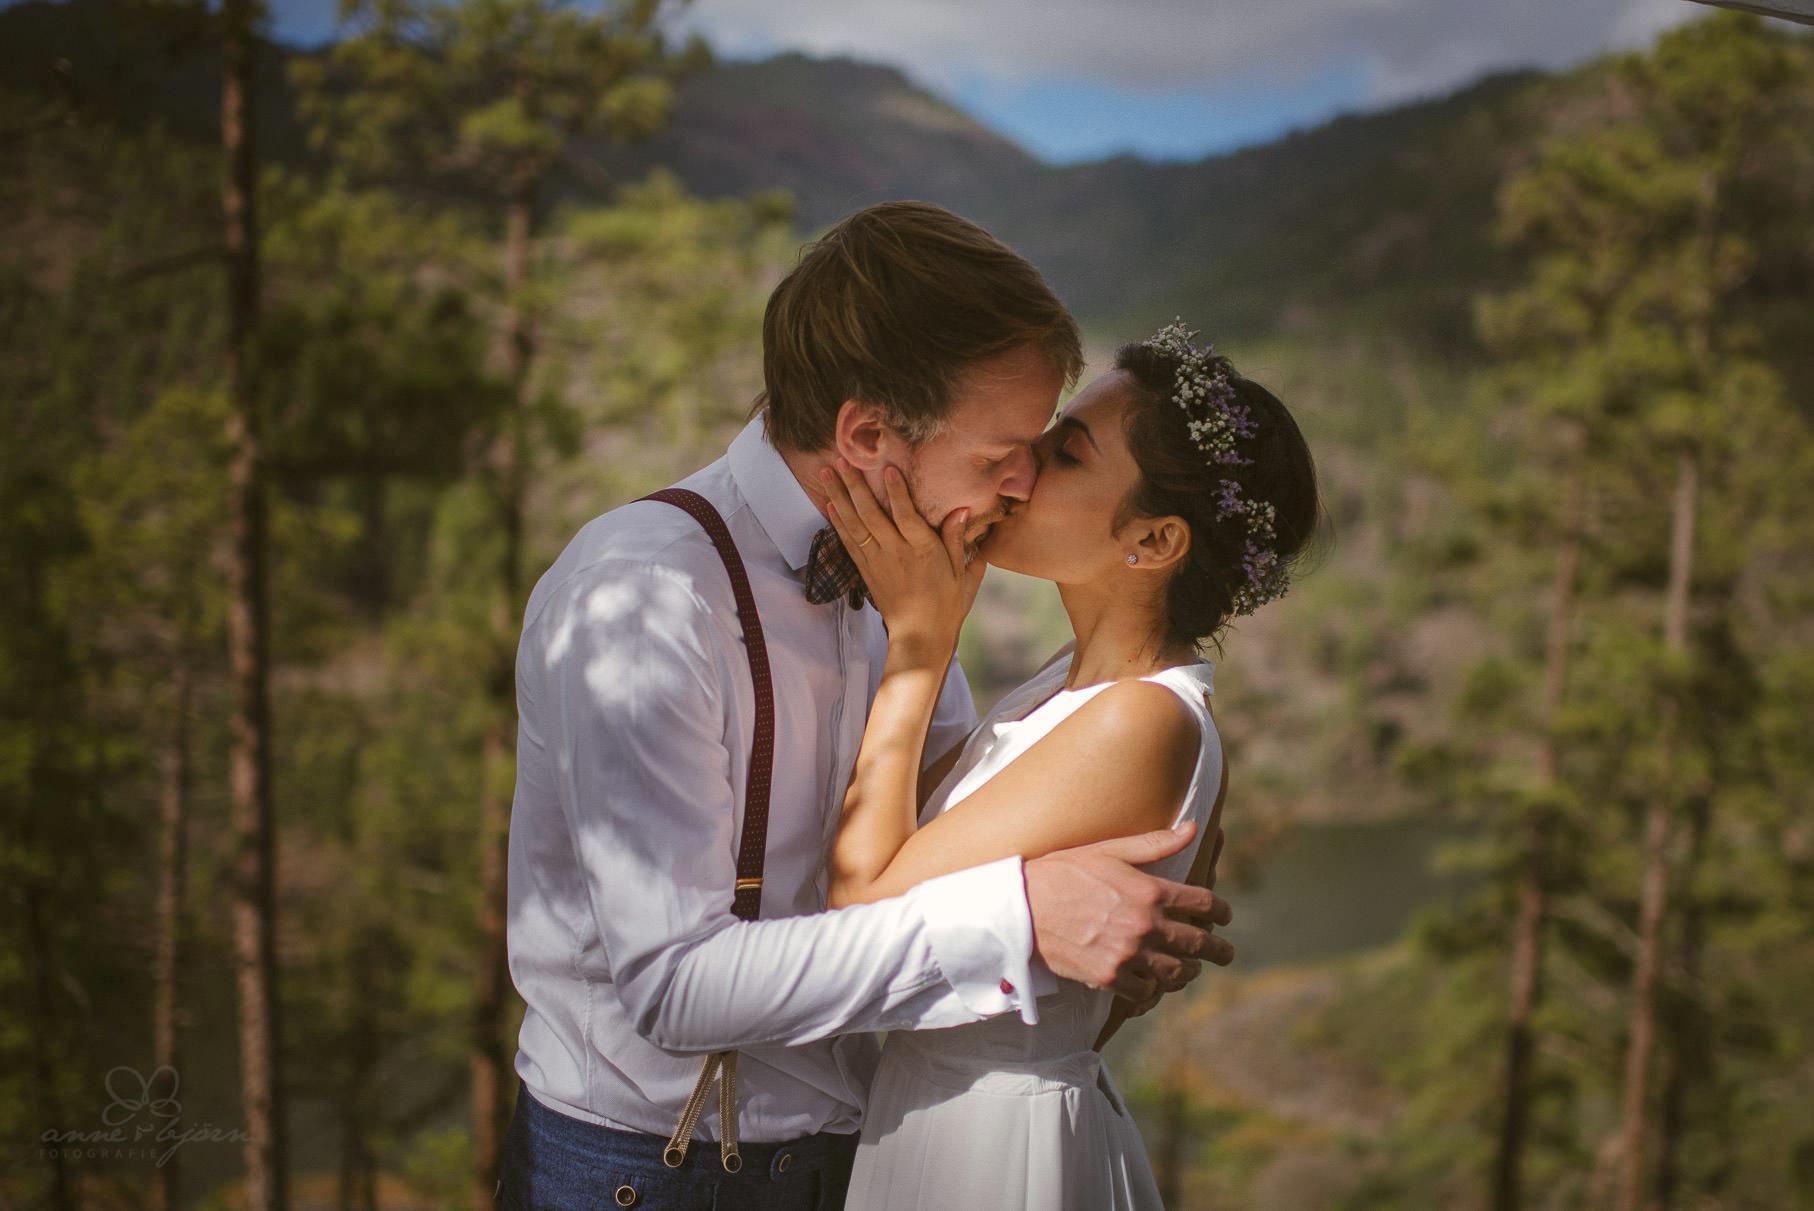 0084 lug d75 6635 bearbeitet - Hochzeit auf Gran Canaria - Linda & Gerald (Elopement)